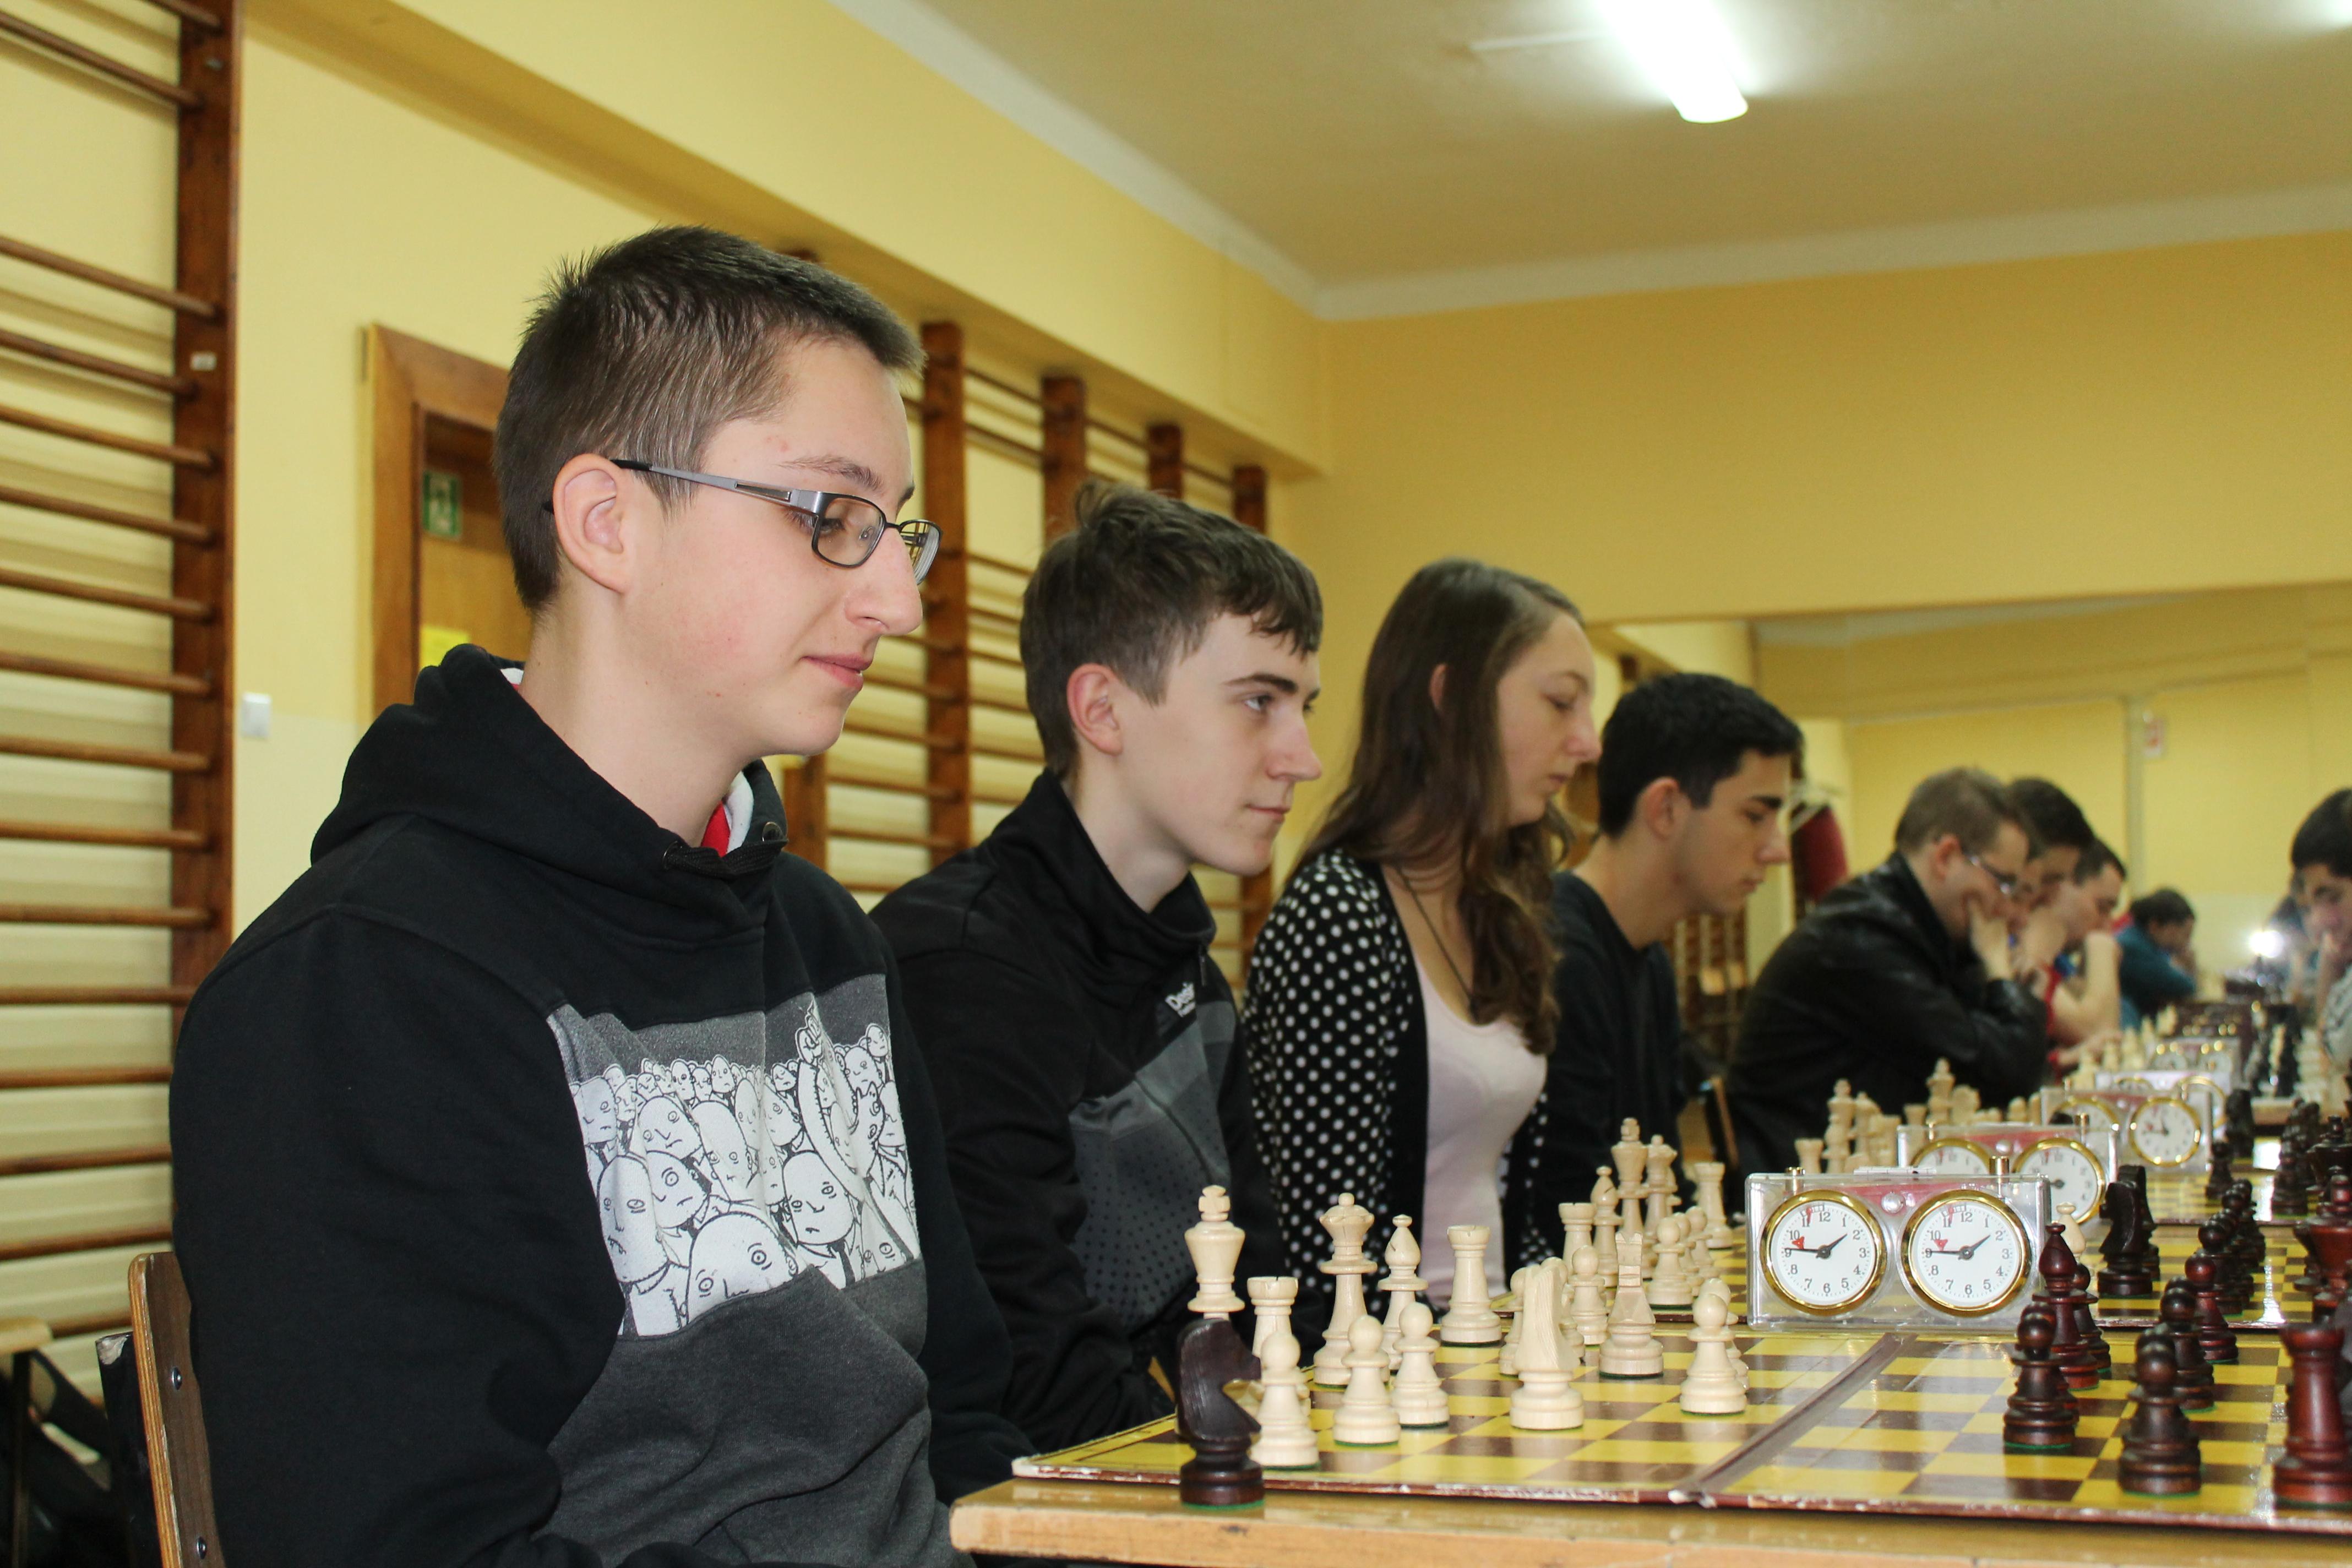 Mistrzostwa I Liceum Ogólnokształcącego w Szachach, Świdnica, 03.12.2013